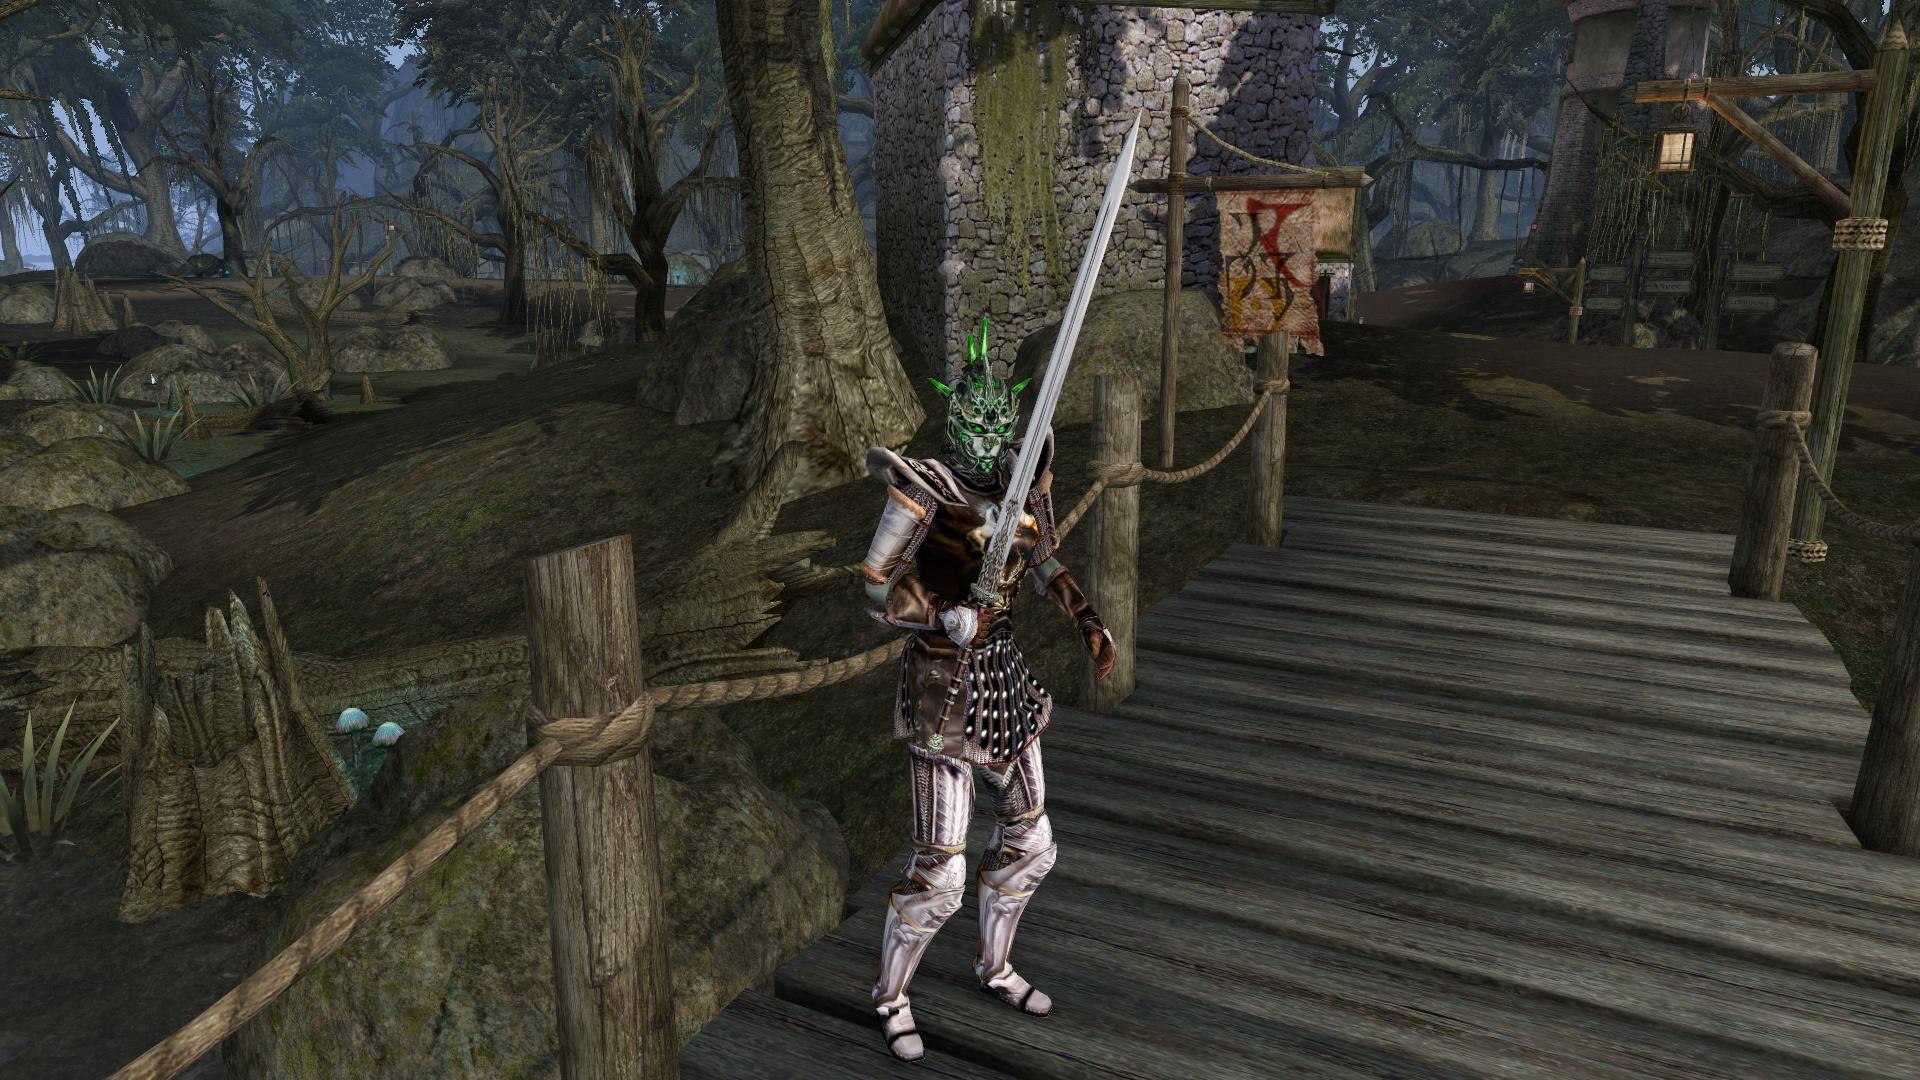 Claymore Wallpaper Hd Morrowind Rebirth 3 6 The Elder Scrolls Iii Morrowind